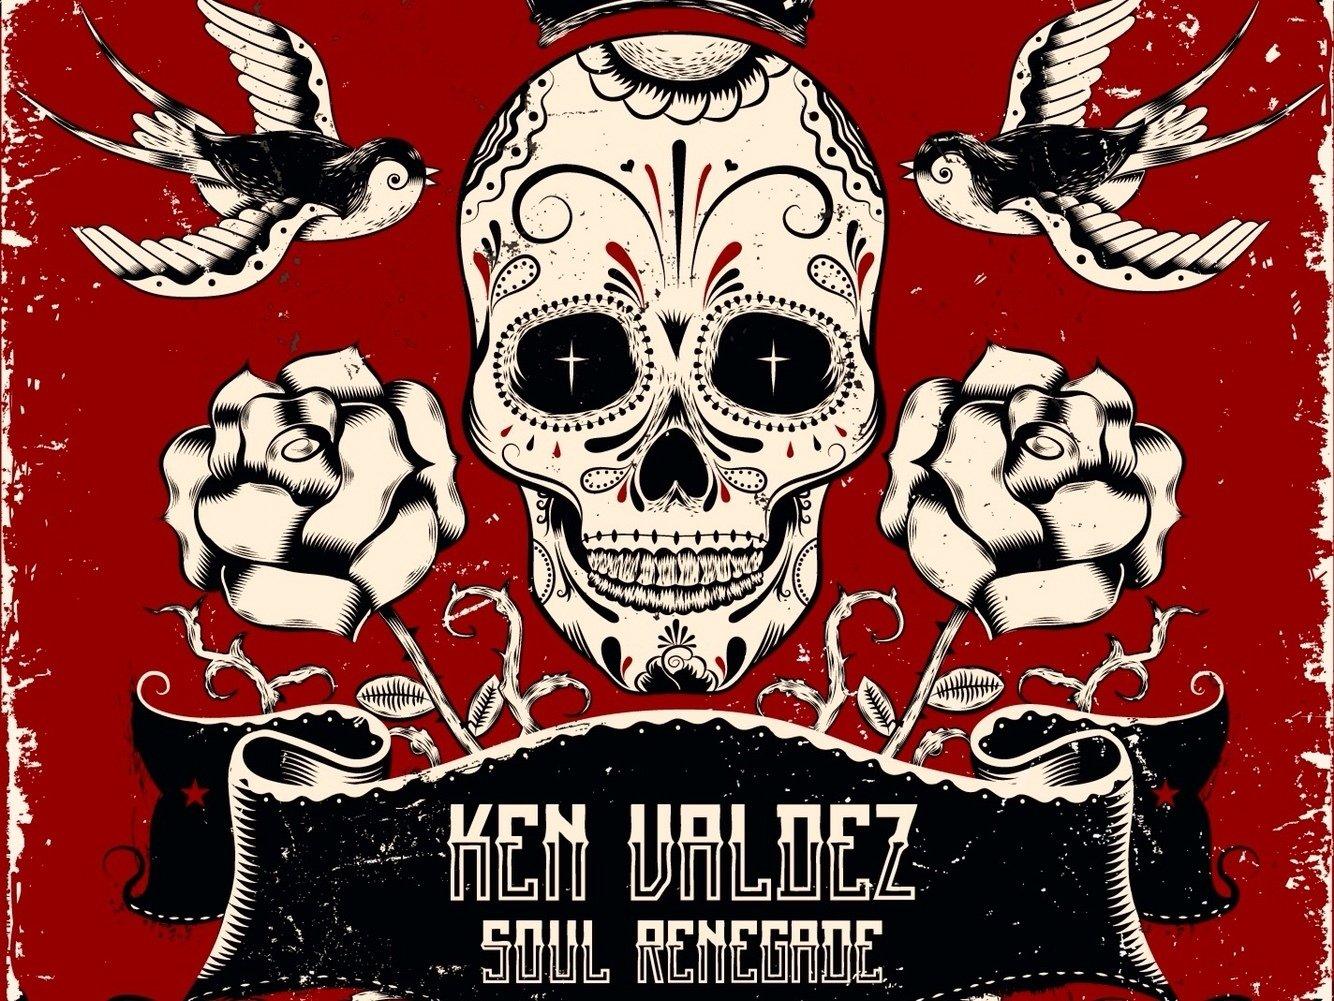 Image for Ken Valdez